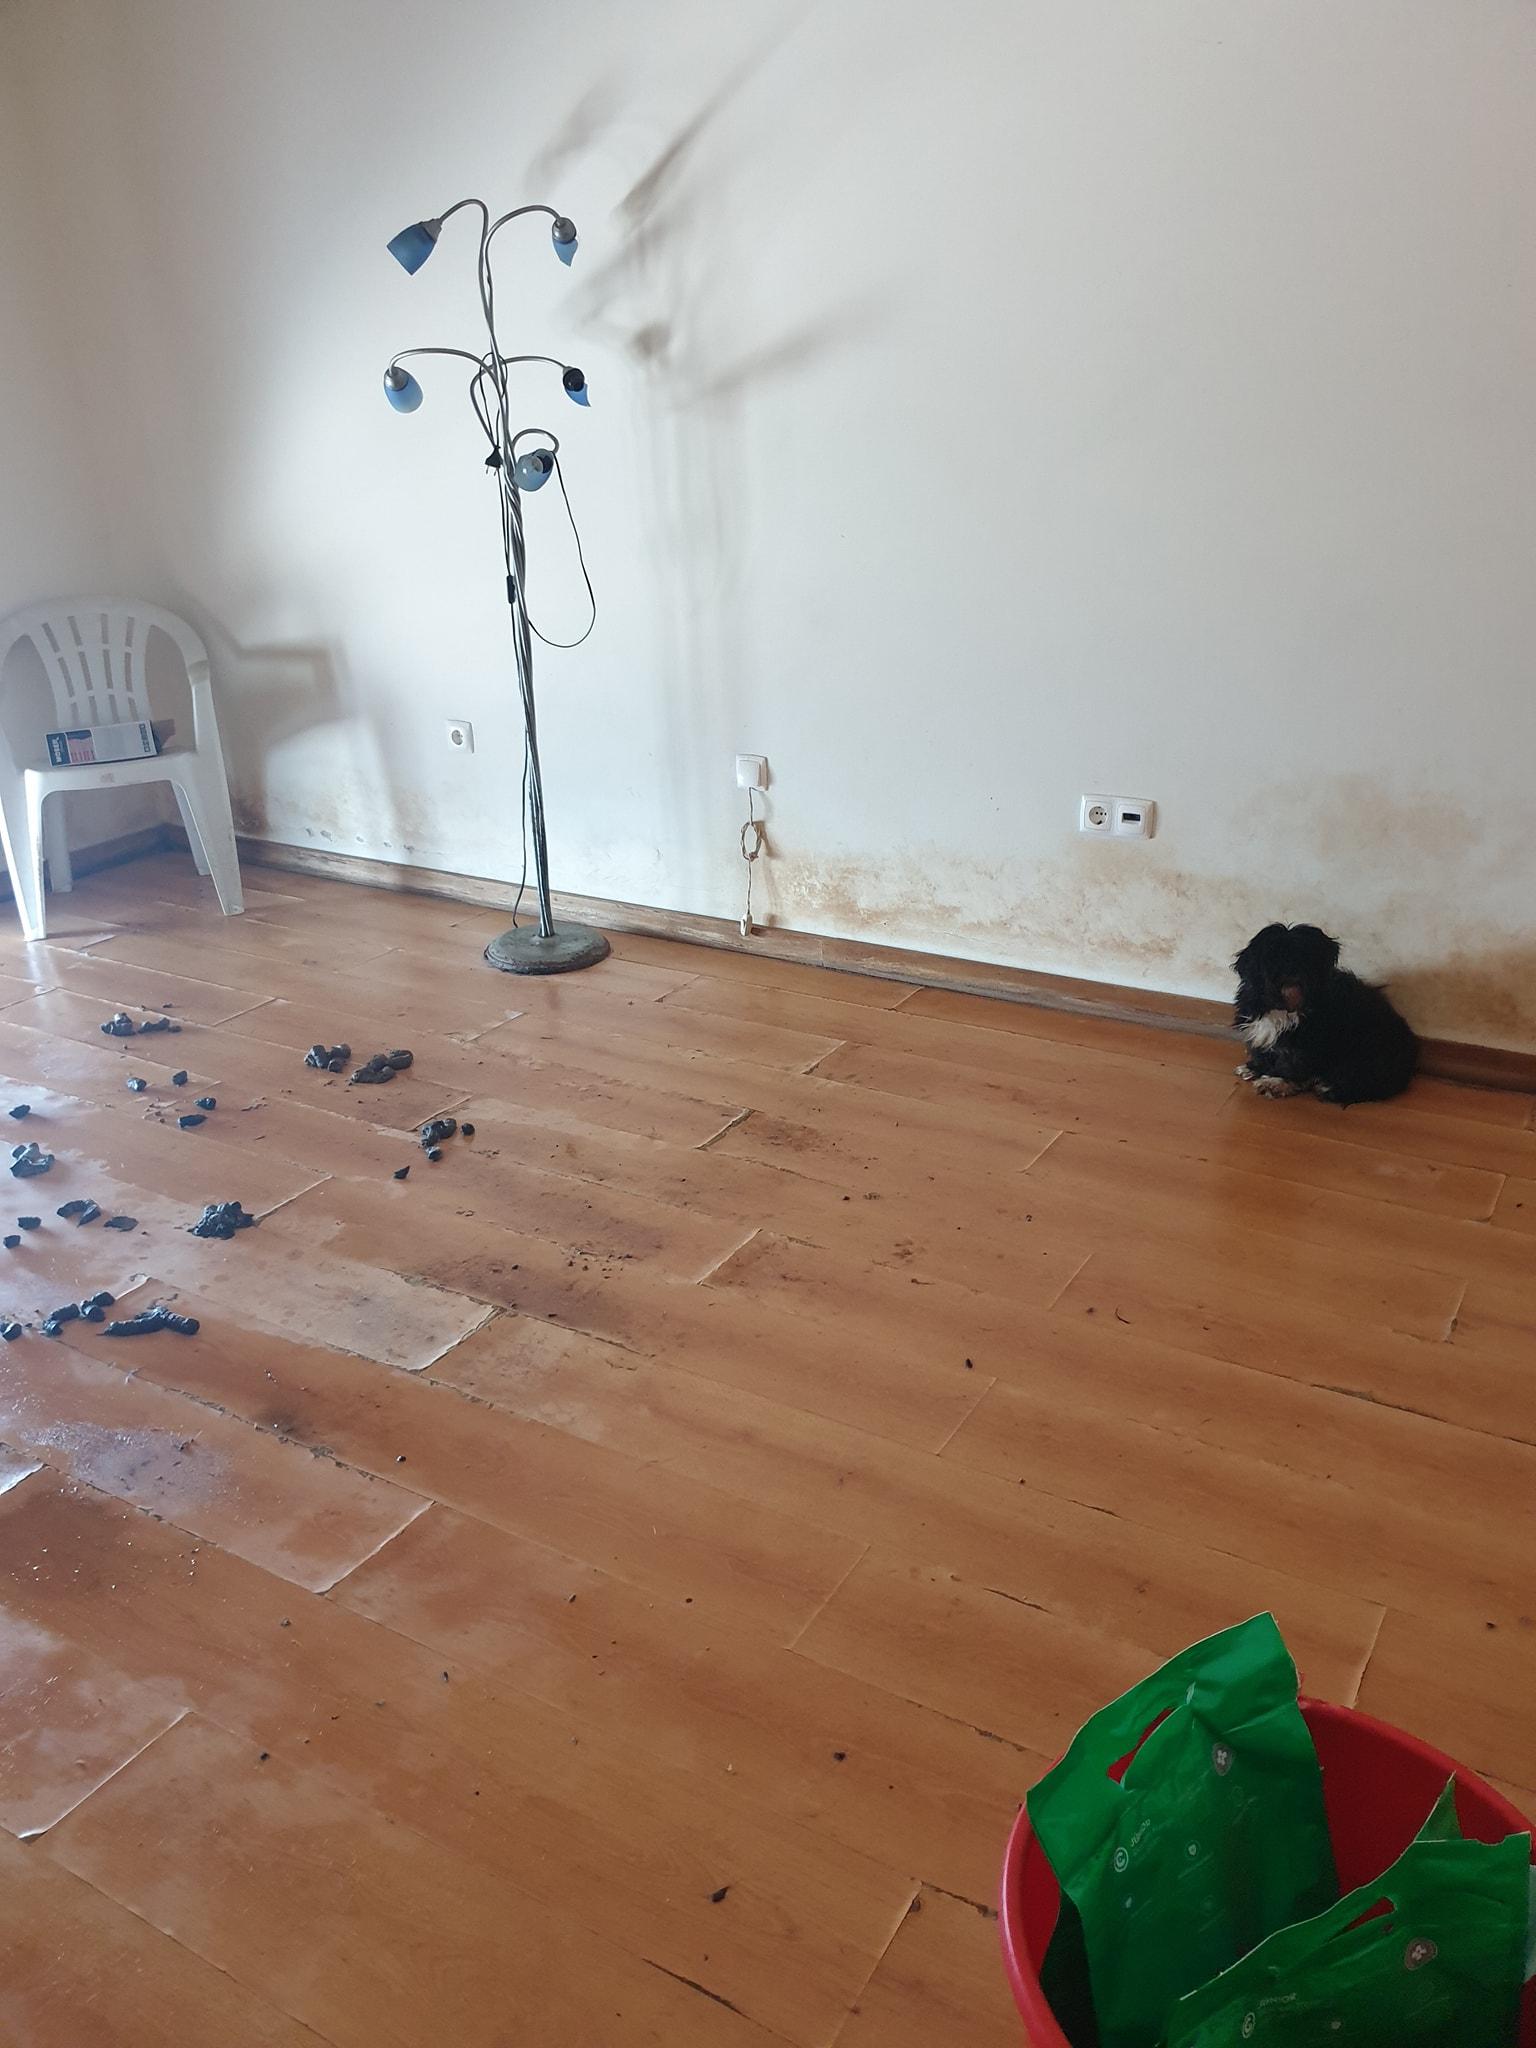 Cães encontrados em situação degradante dentro de moradia